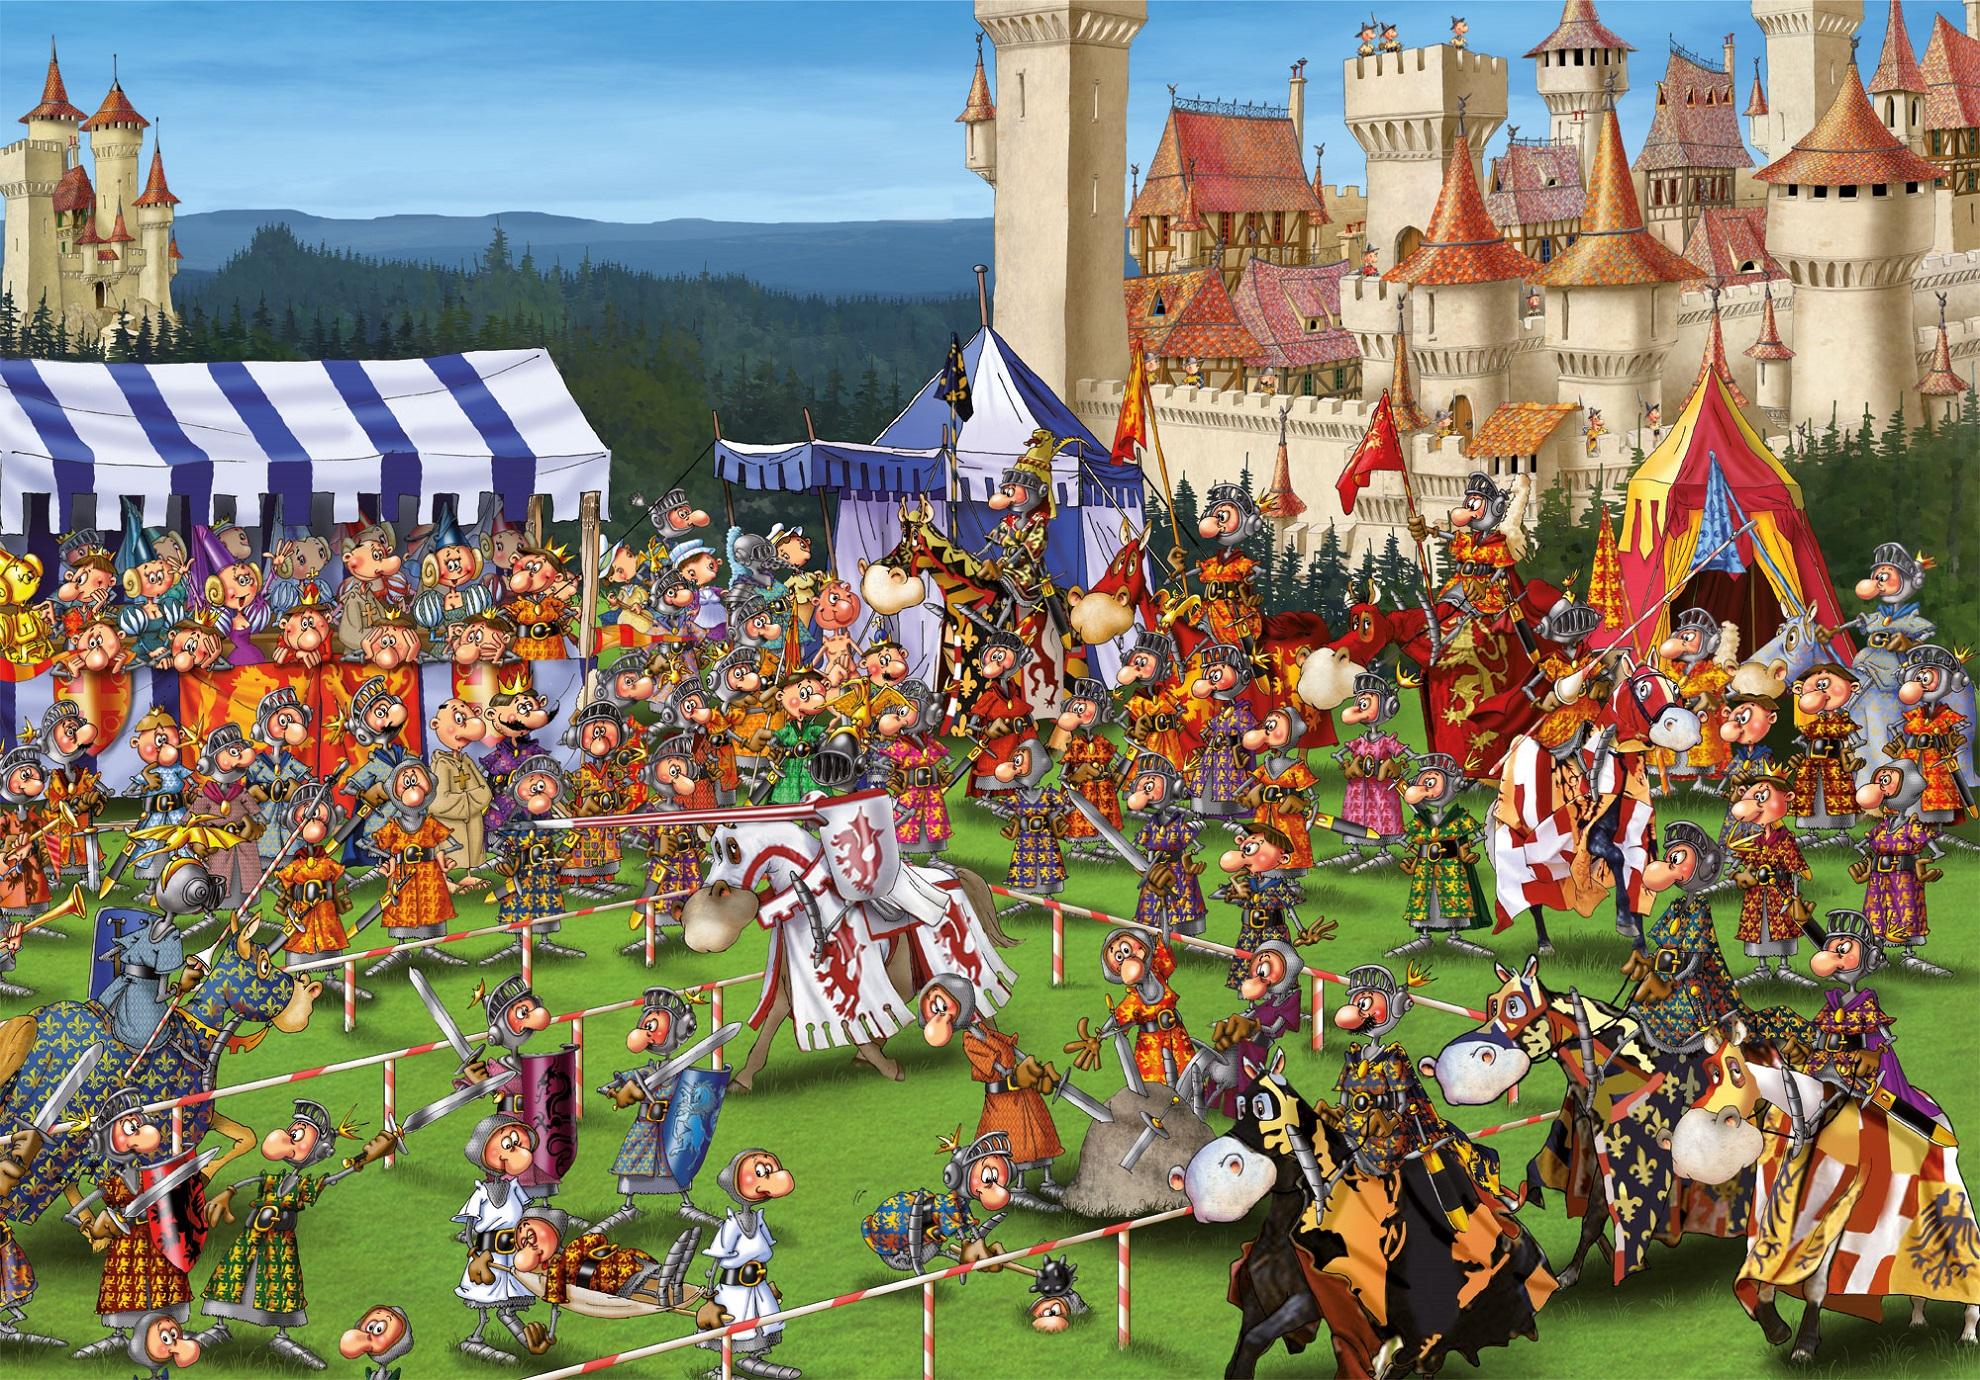 застрял картинки рыцарского турнира в средневековье смысл обрела